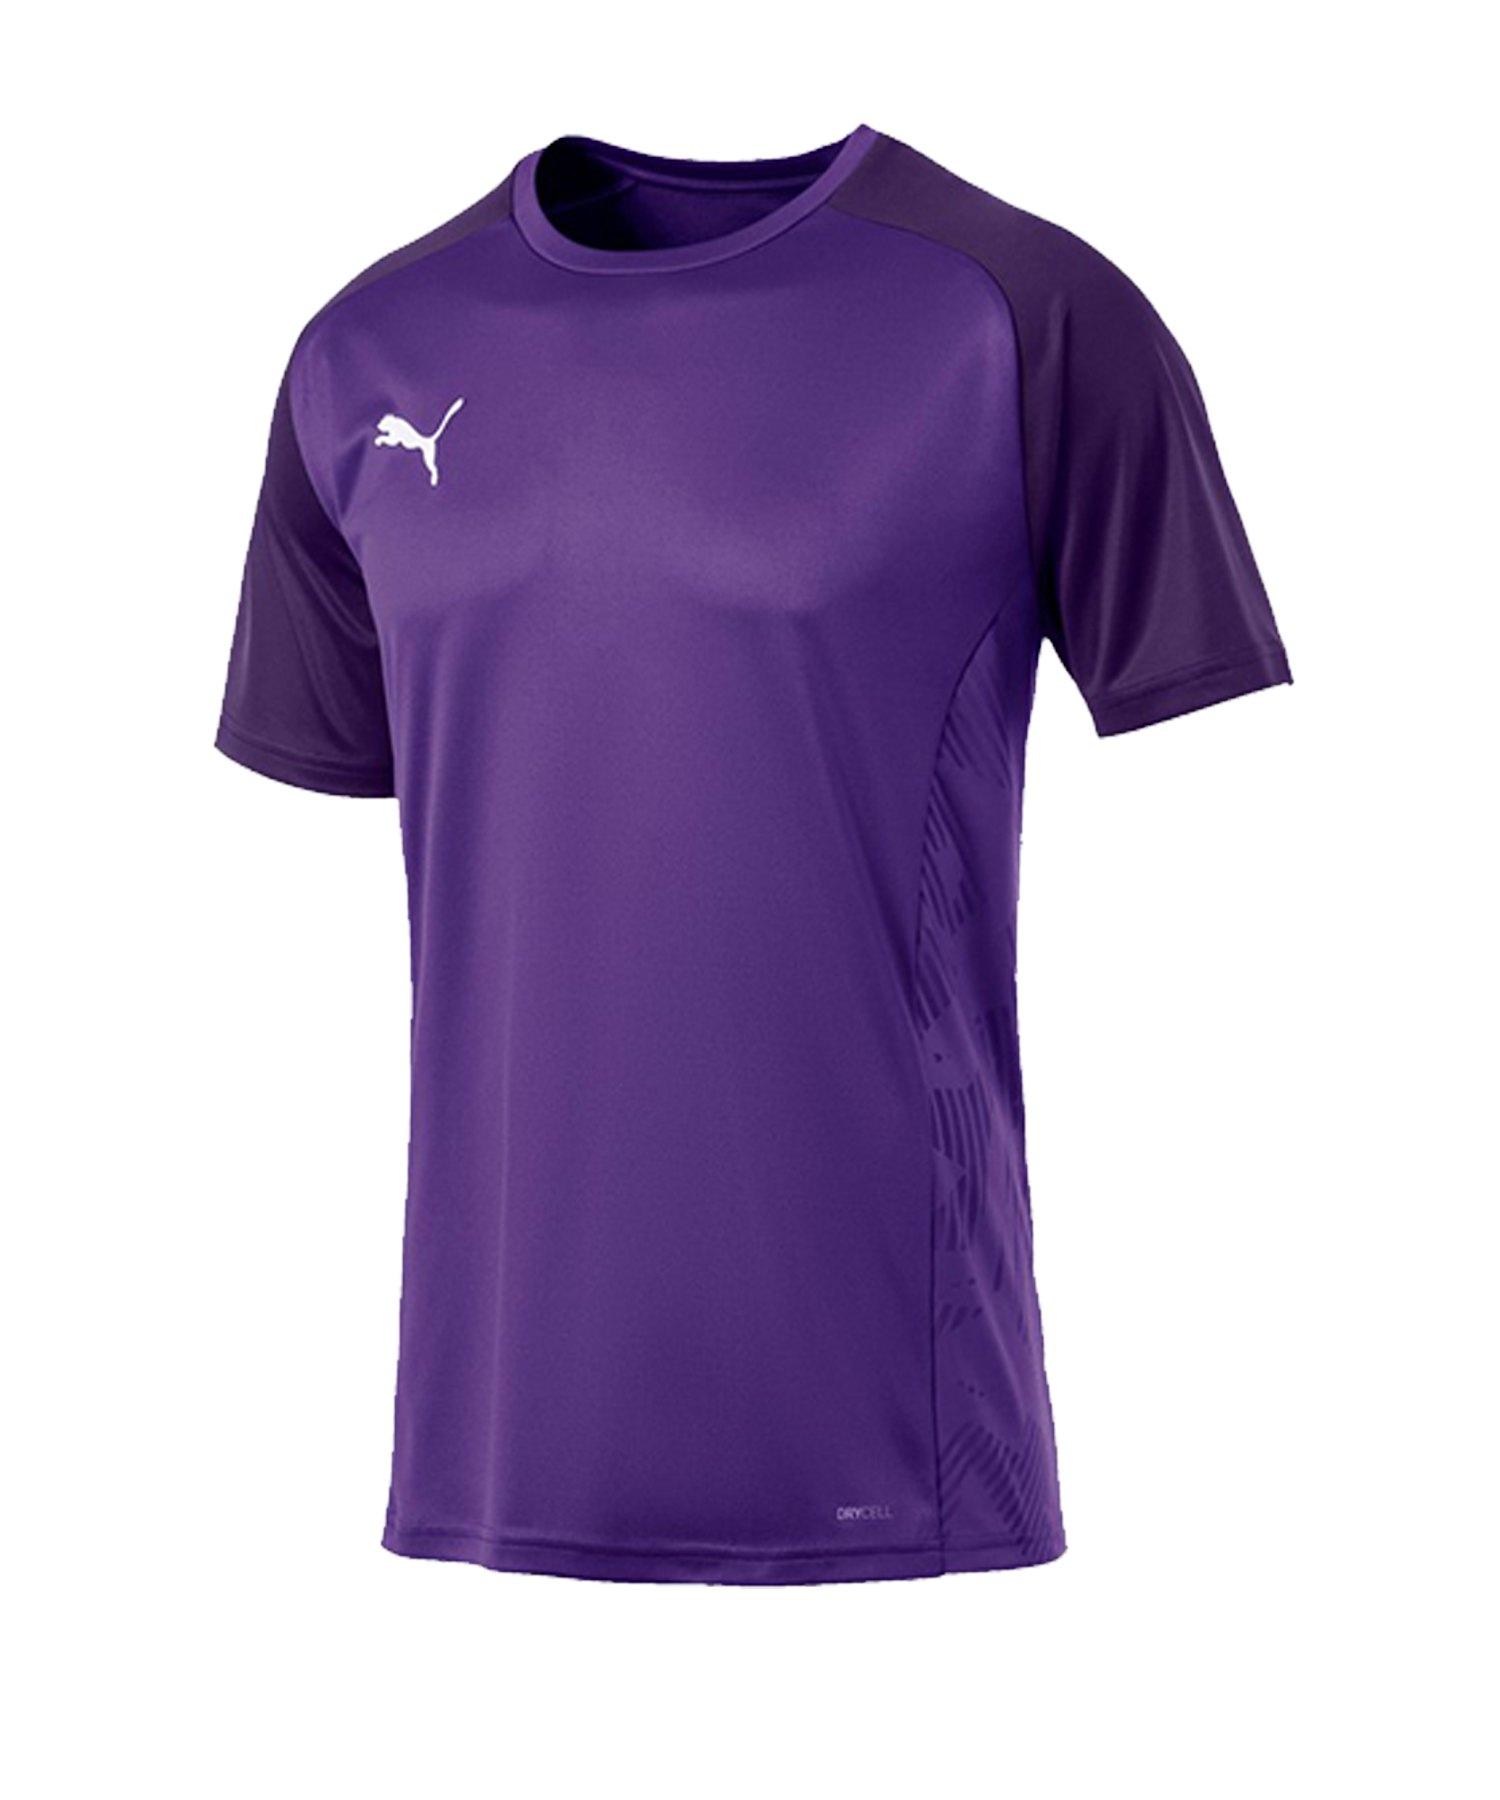 PUMA CUP Sideline Core T-Shirt Lila F10 - lila